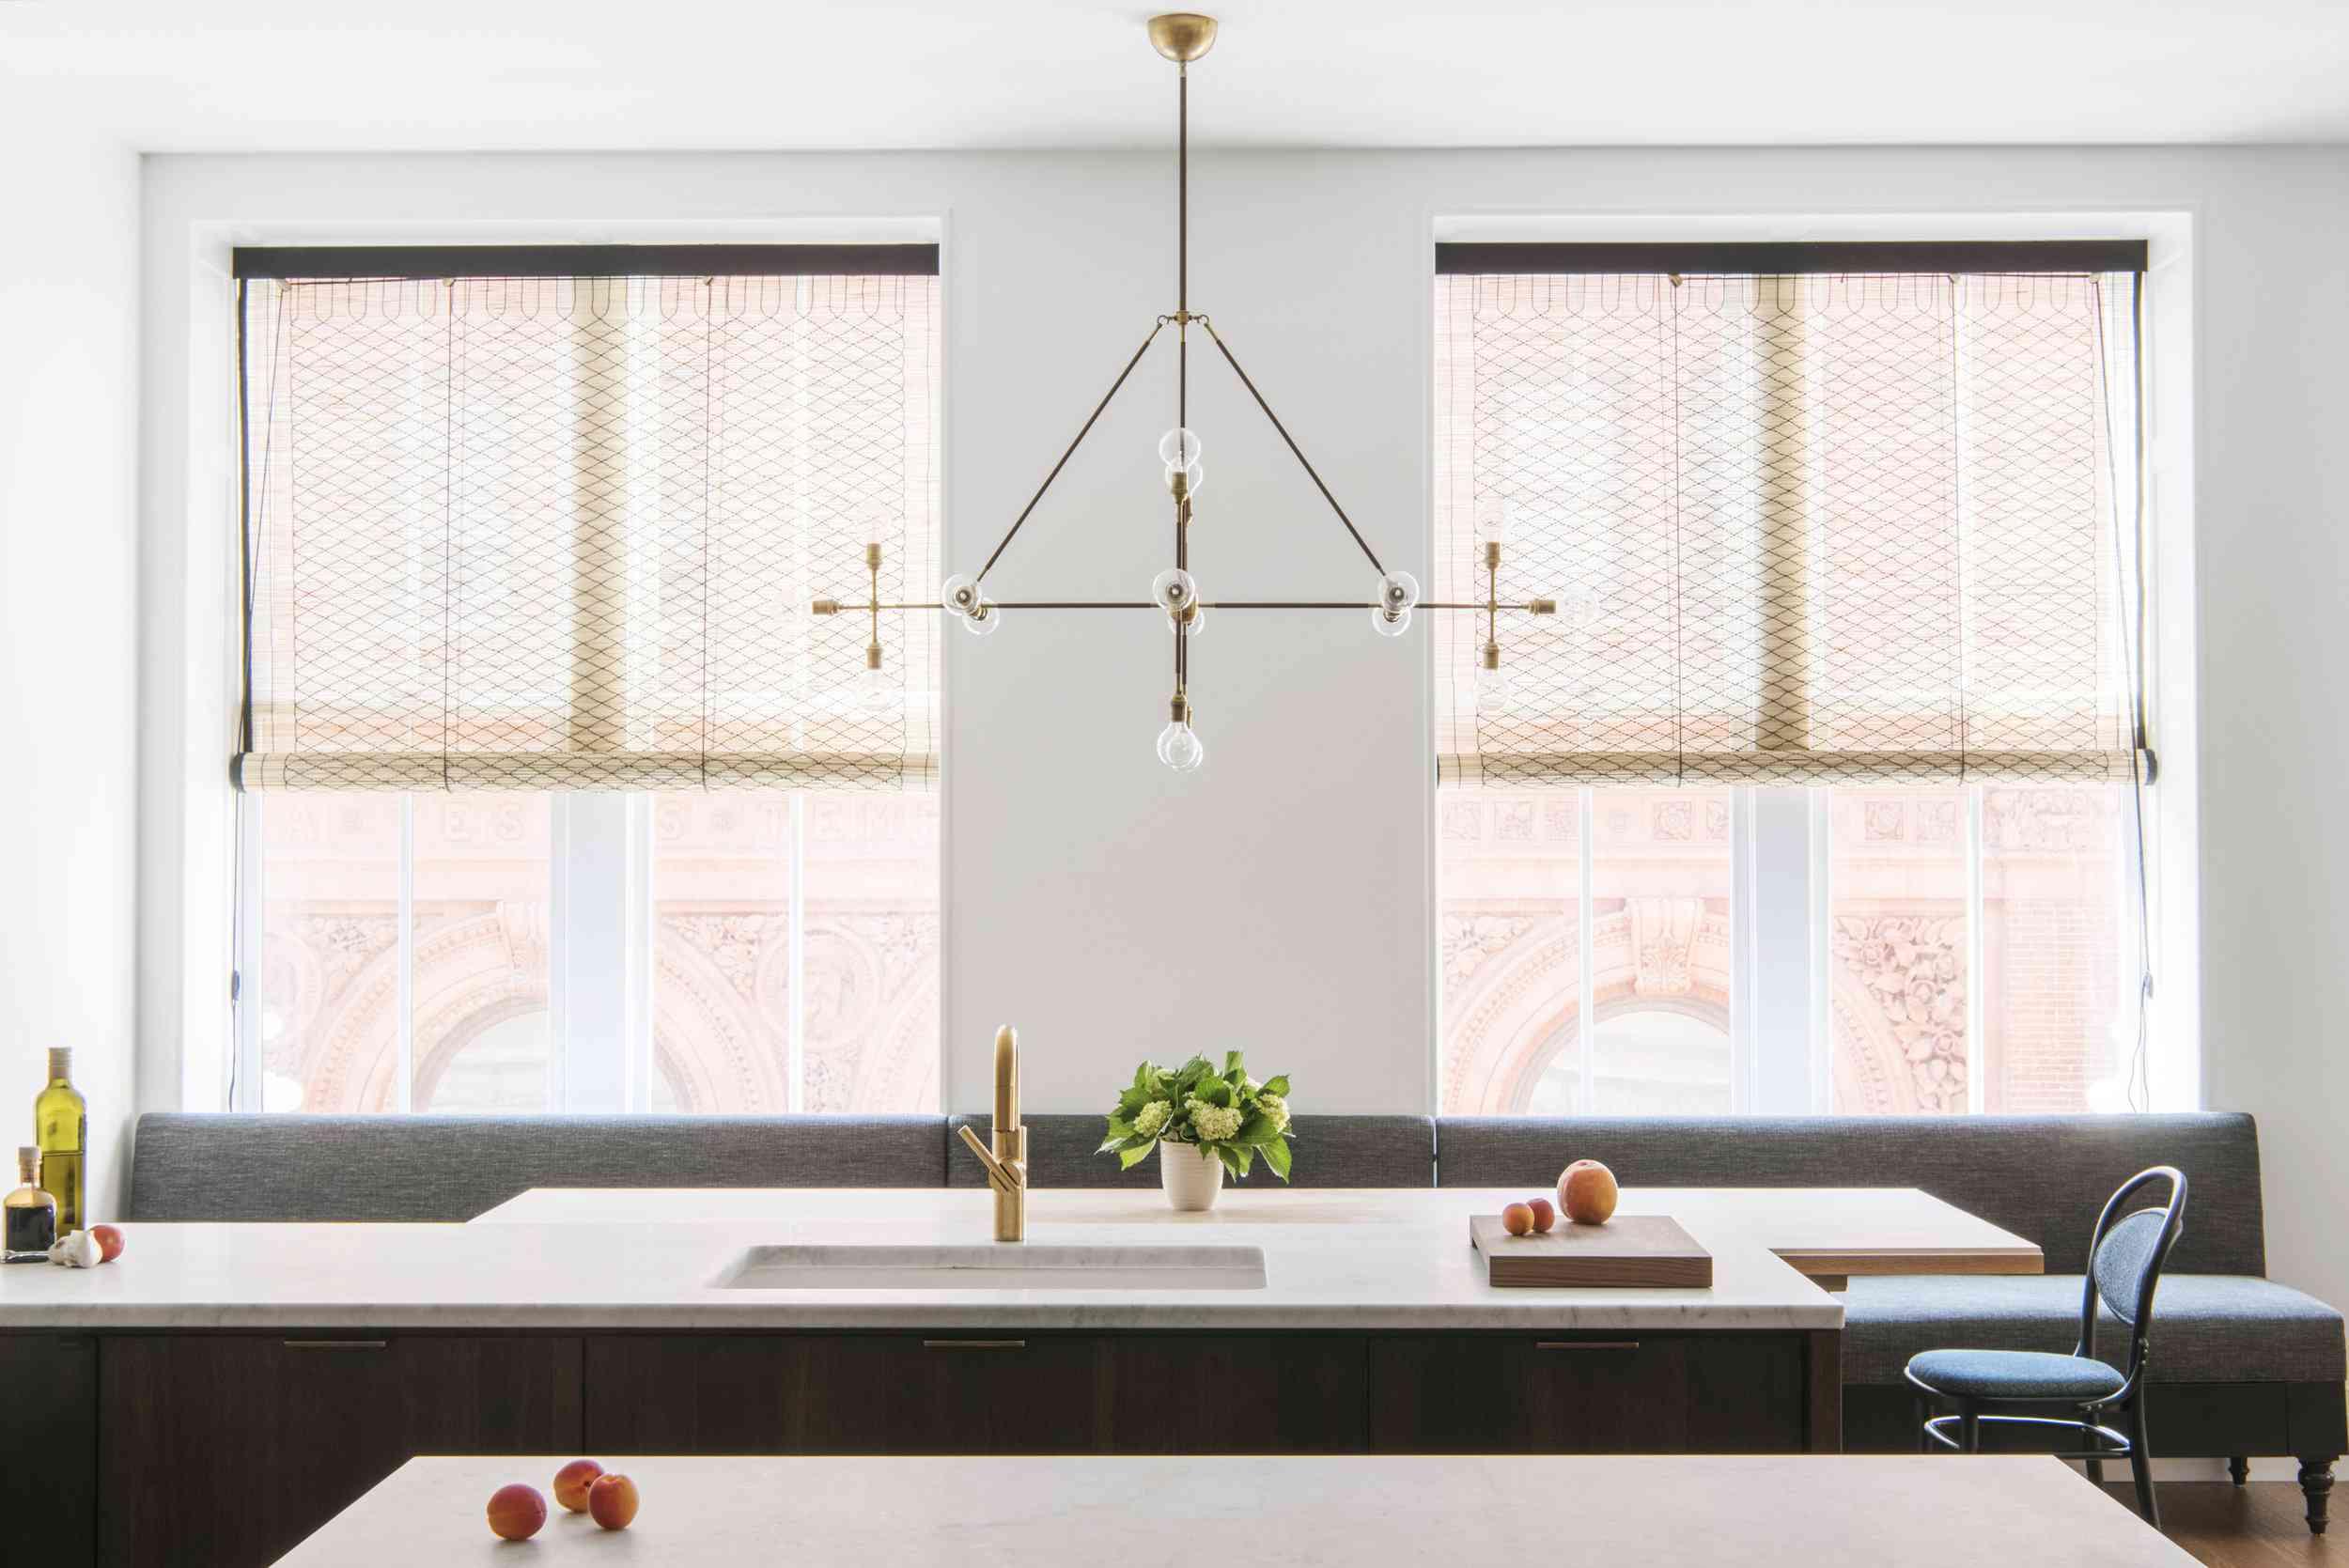 Minimalist kitchen with statement chandelier